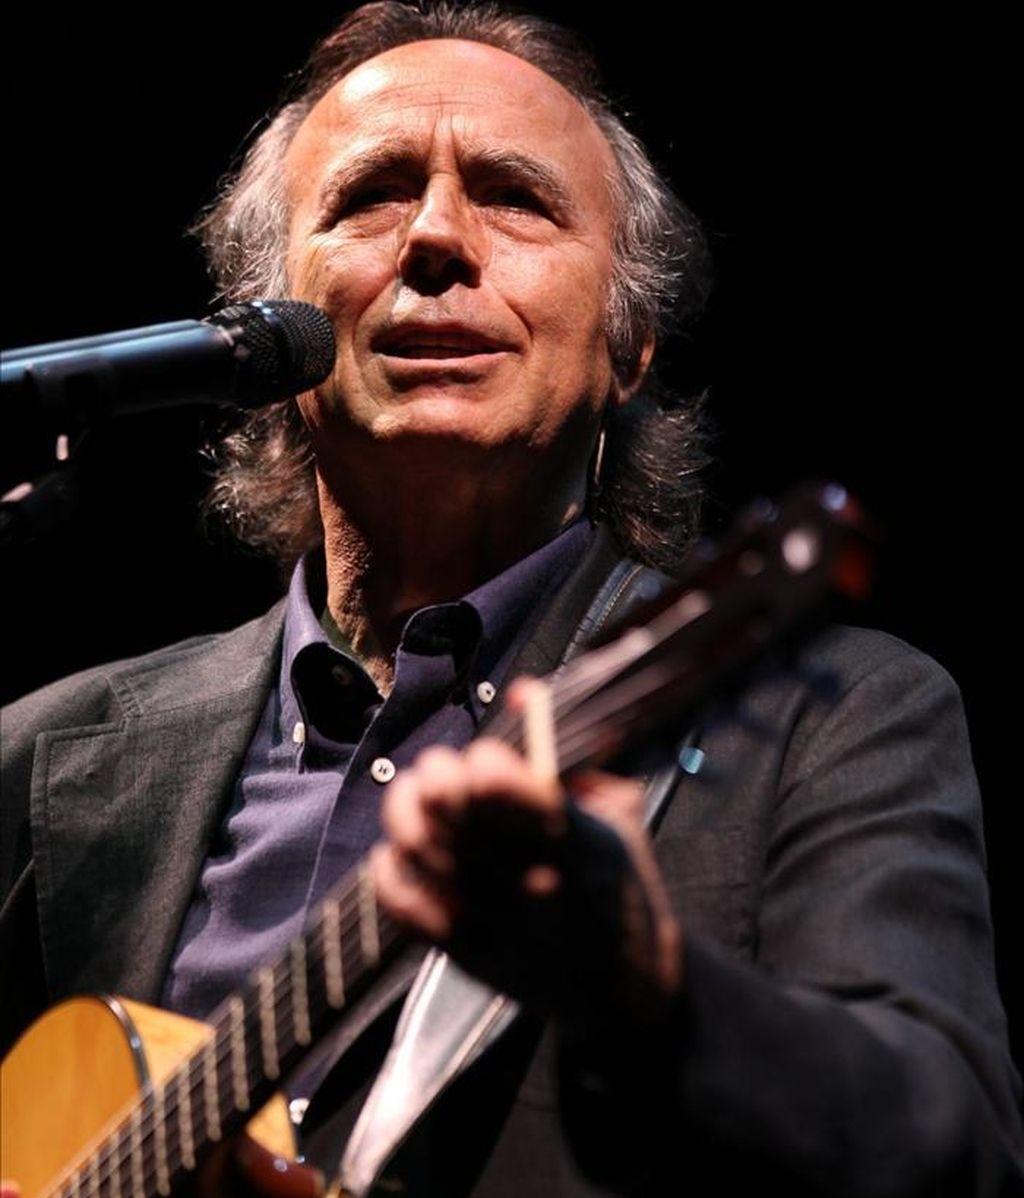 """El cantautor español Joan Manuel Serrat, declaró: """"El valor de la salud es inmenso, sin ella no puedes hacer nada"""". EFE/Archivo"""